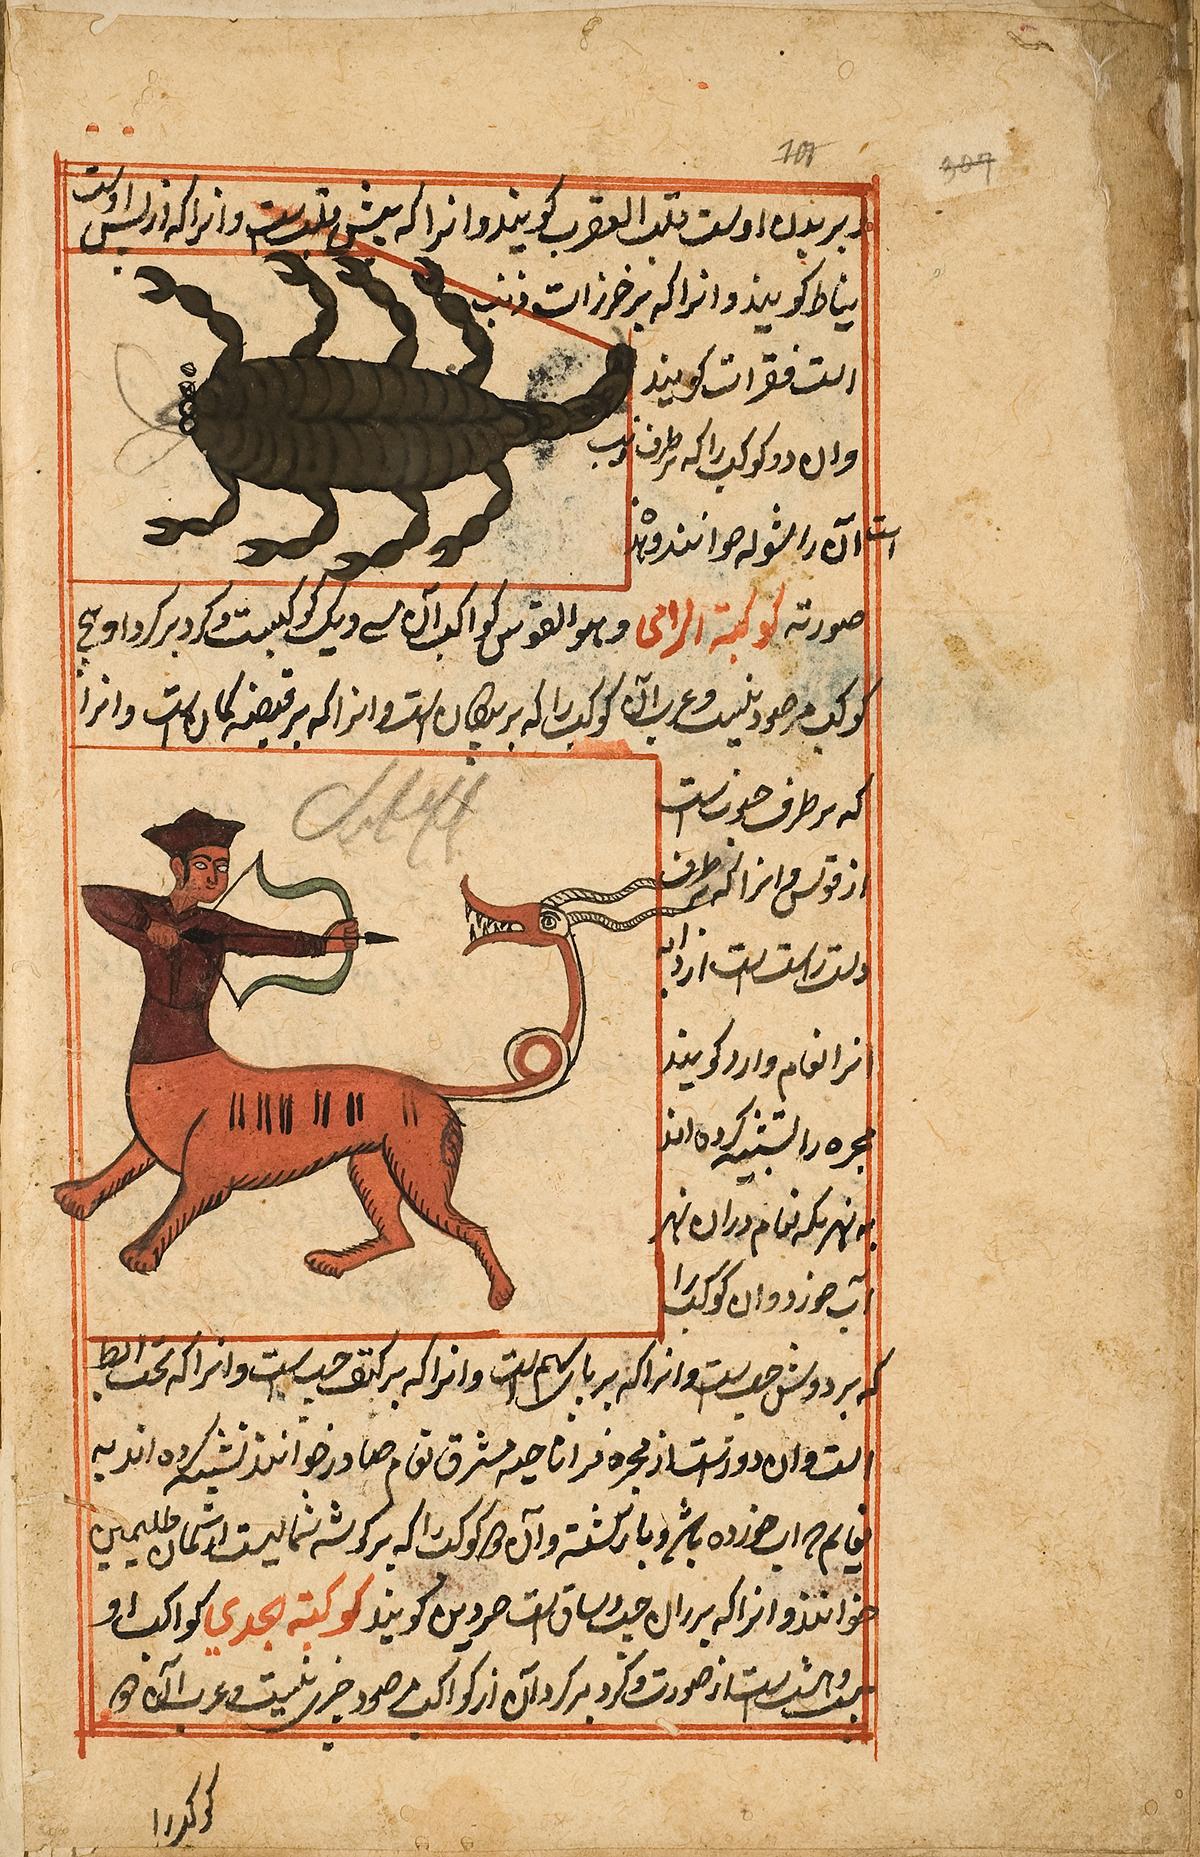 كتاب عجائب المخلوقات وغرائب الموجودات pdf